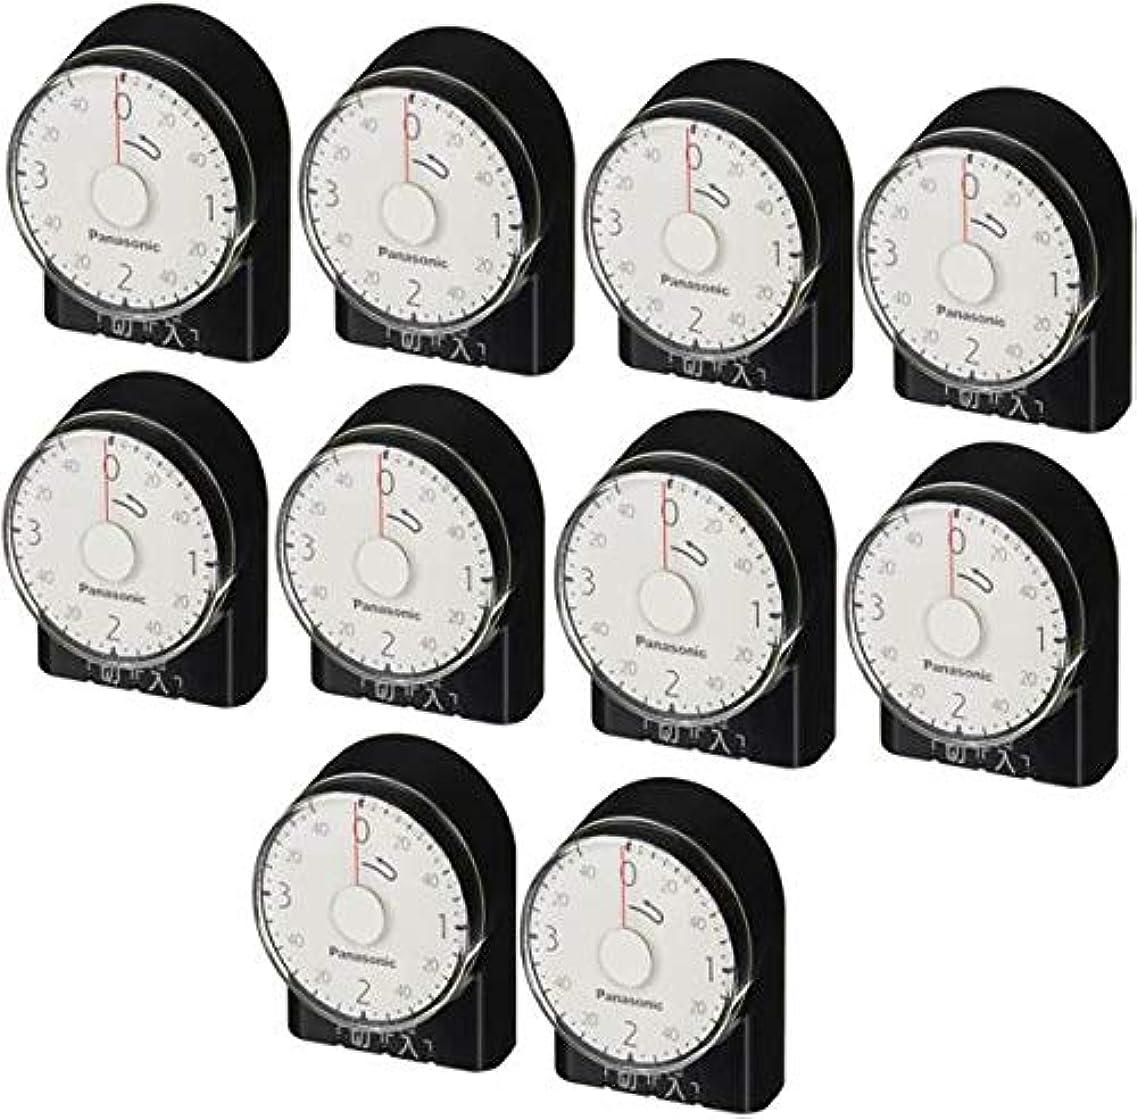 潜む塩実験室パナソニック(Panasonic) ダイヤルタイマー(3時間形) WH3201BP 【10個入り】【純正パッケージ品】